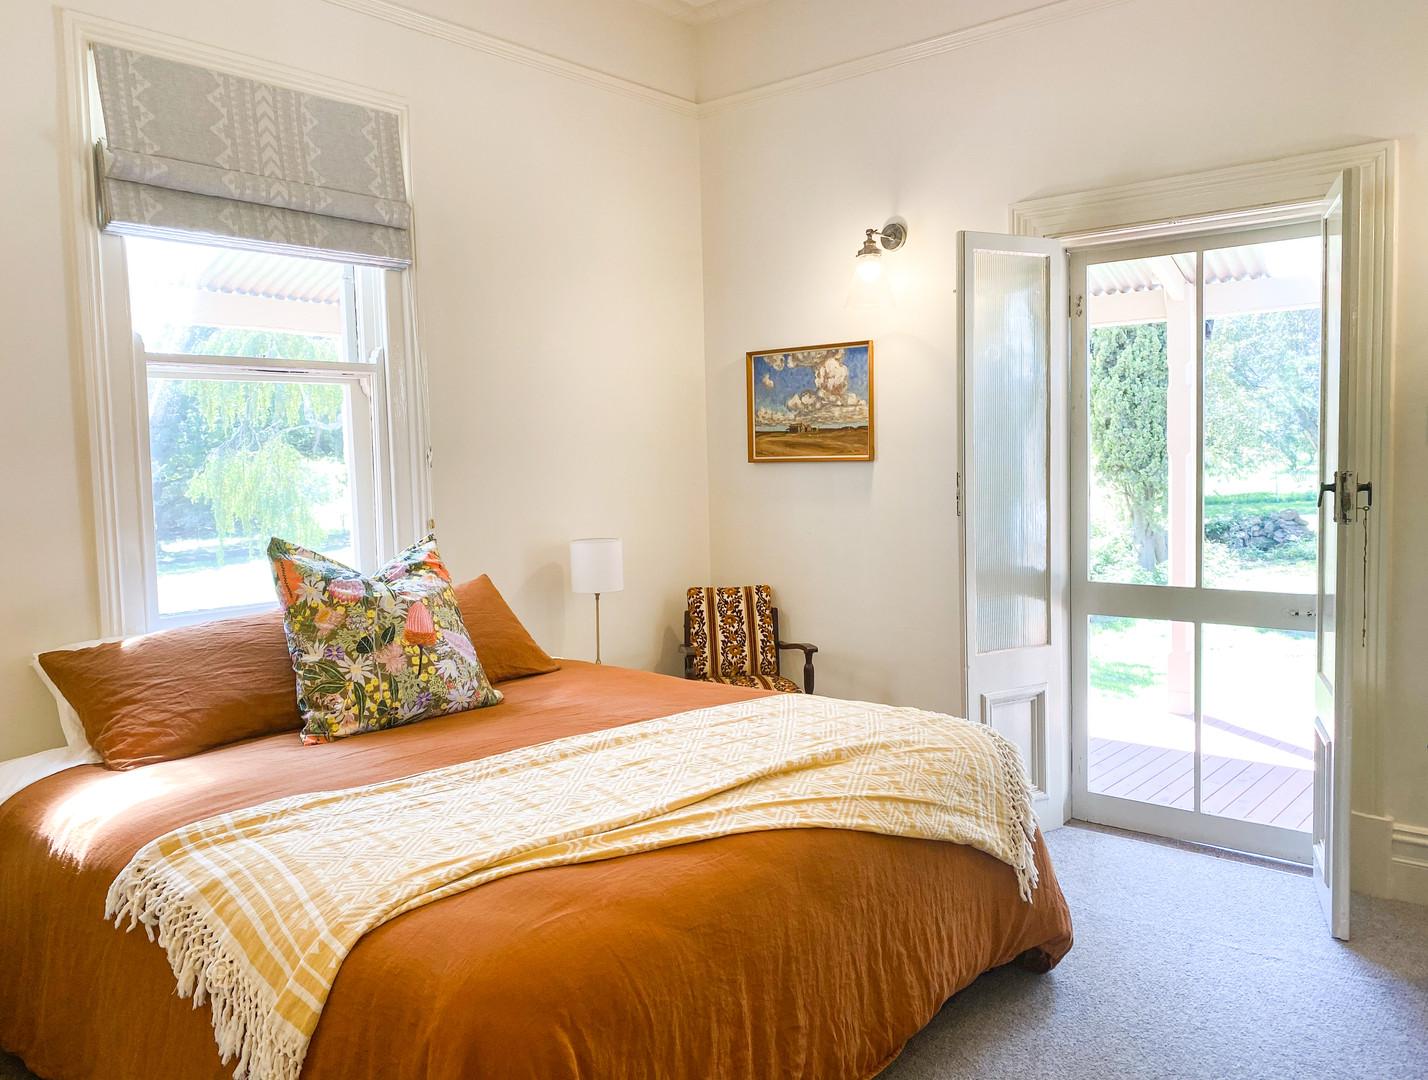 Hilton Homestead Bedroom 2